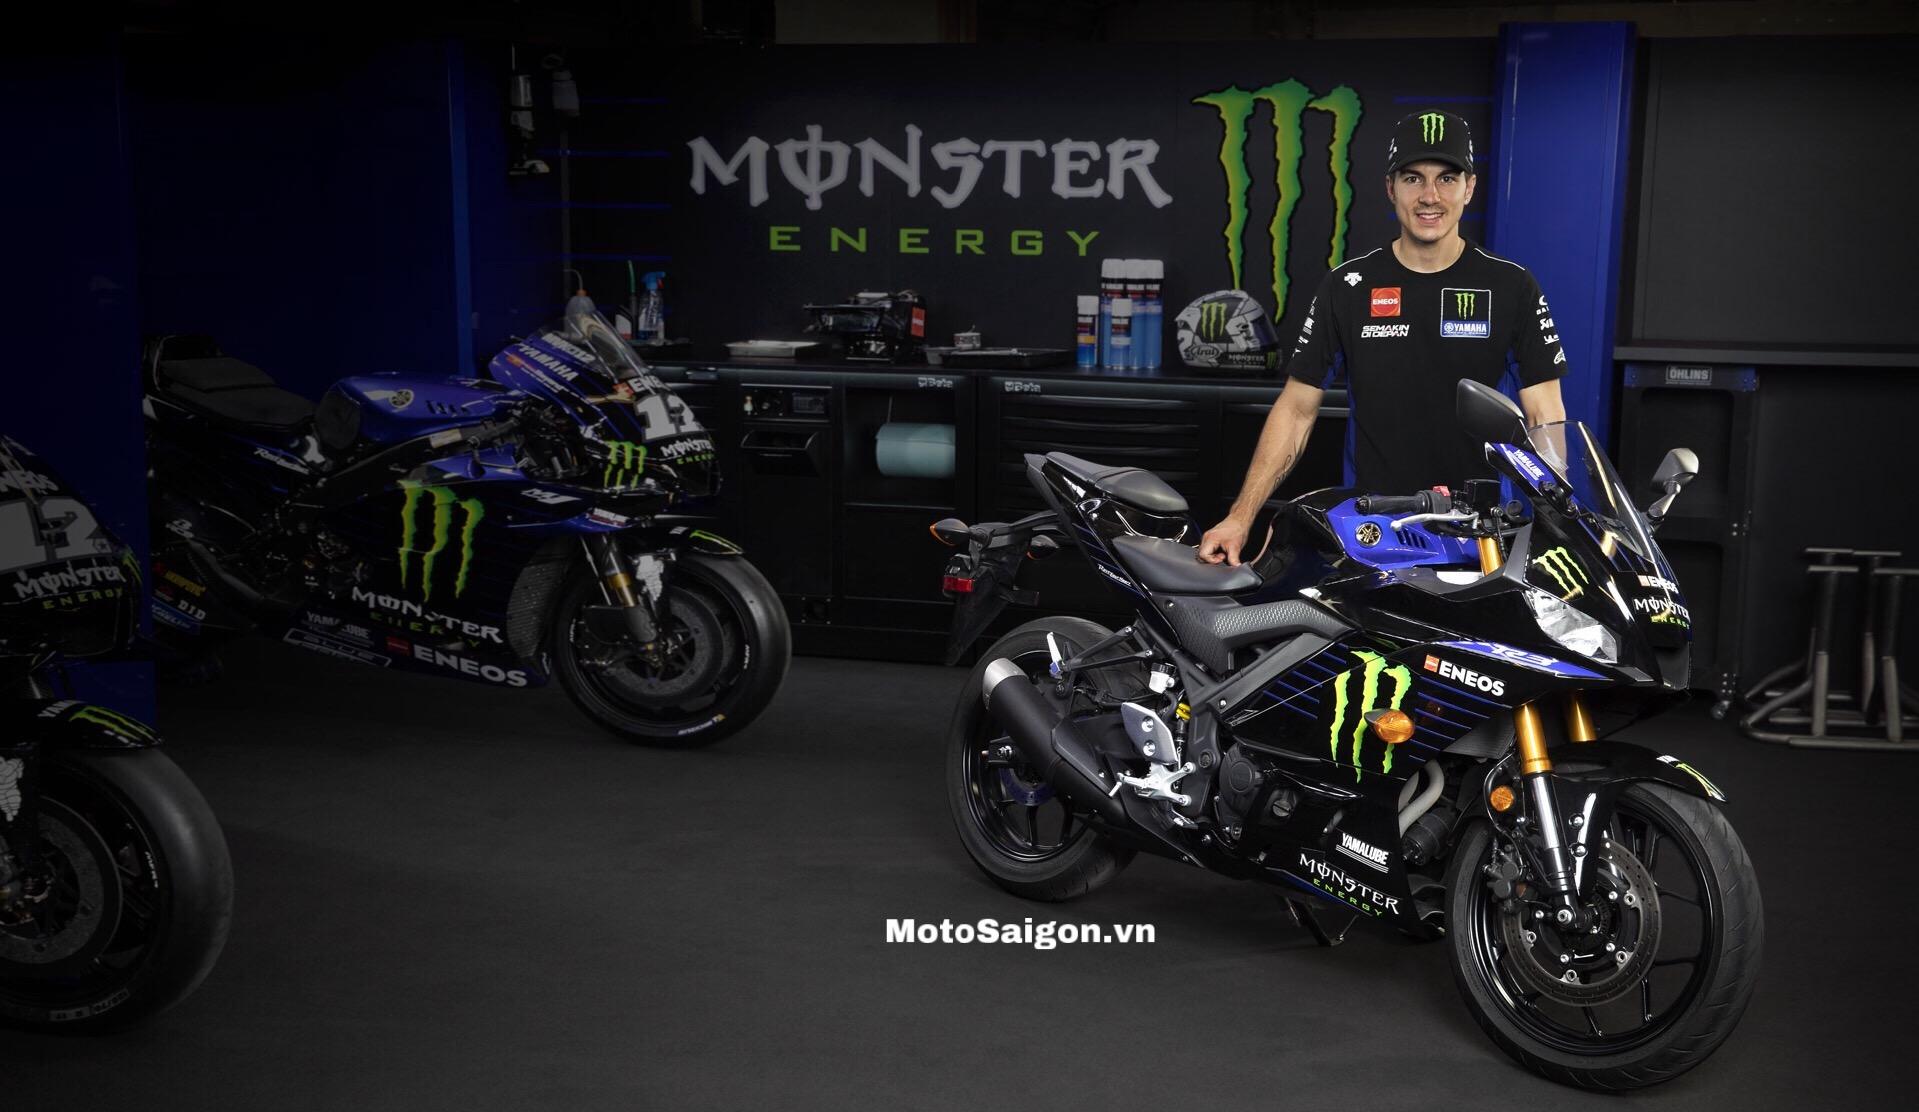 Tay đua vô địch thế giới Moto3 Maverick Viñales bên cạnh Yamaha R3 2020